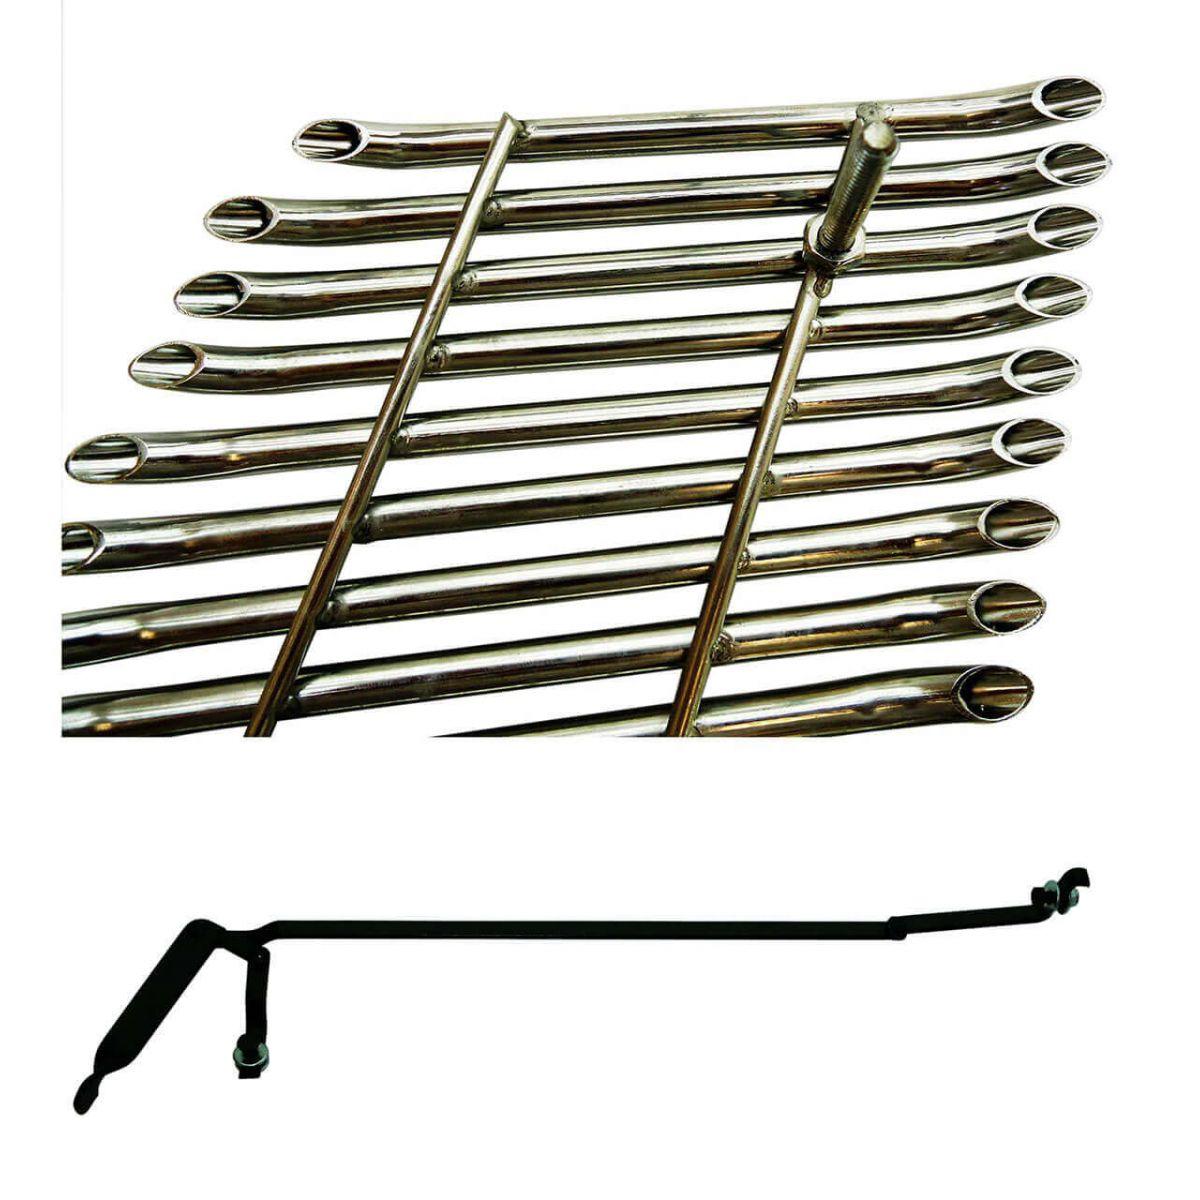 Sobre grade filetada em aço inox S10 2009 a 2011 kit 3 peças